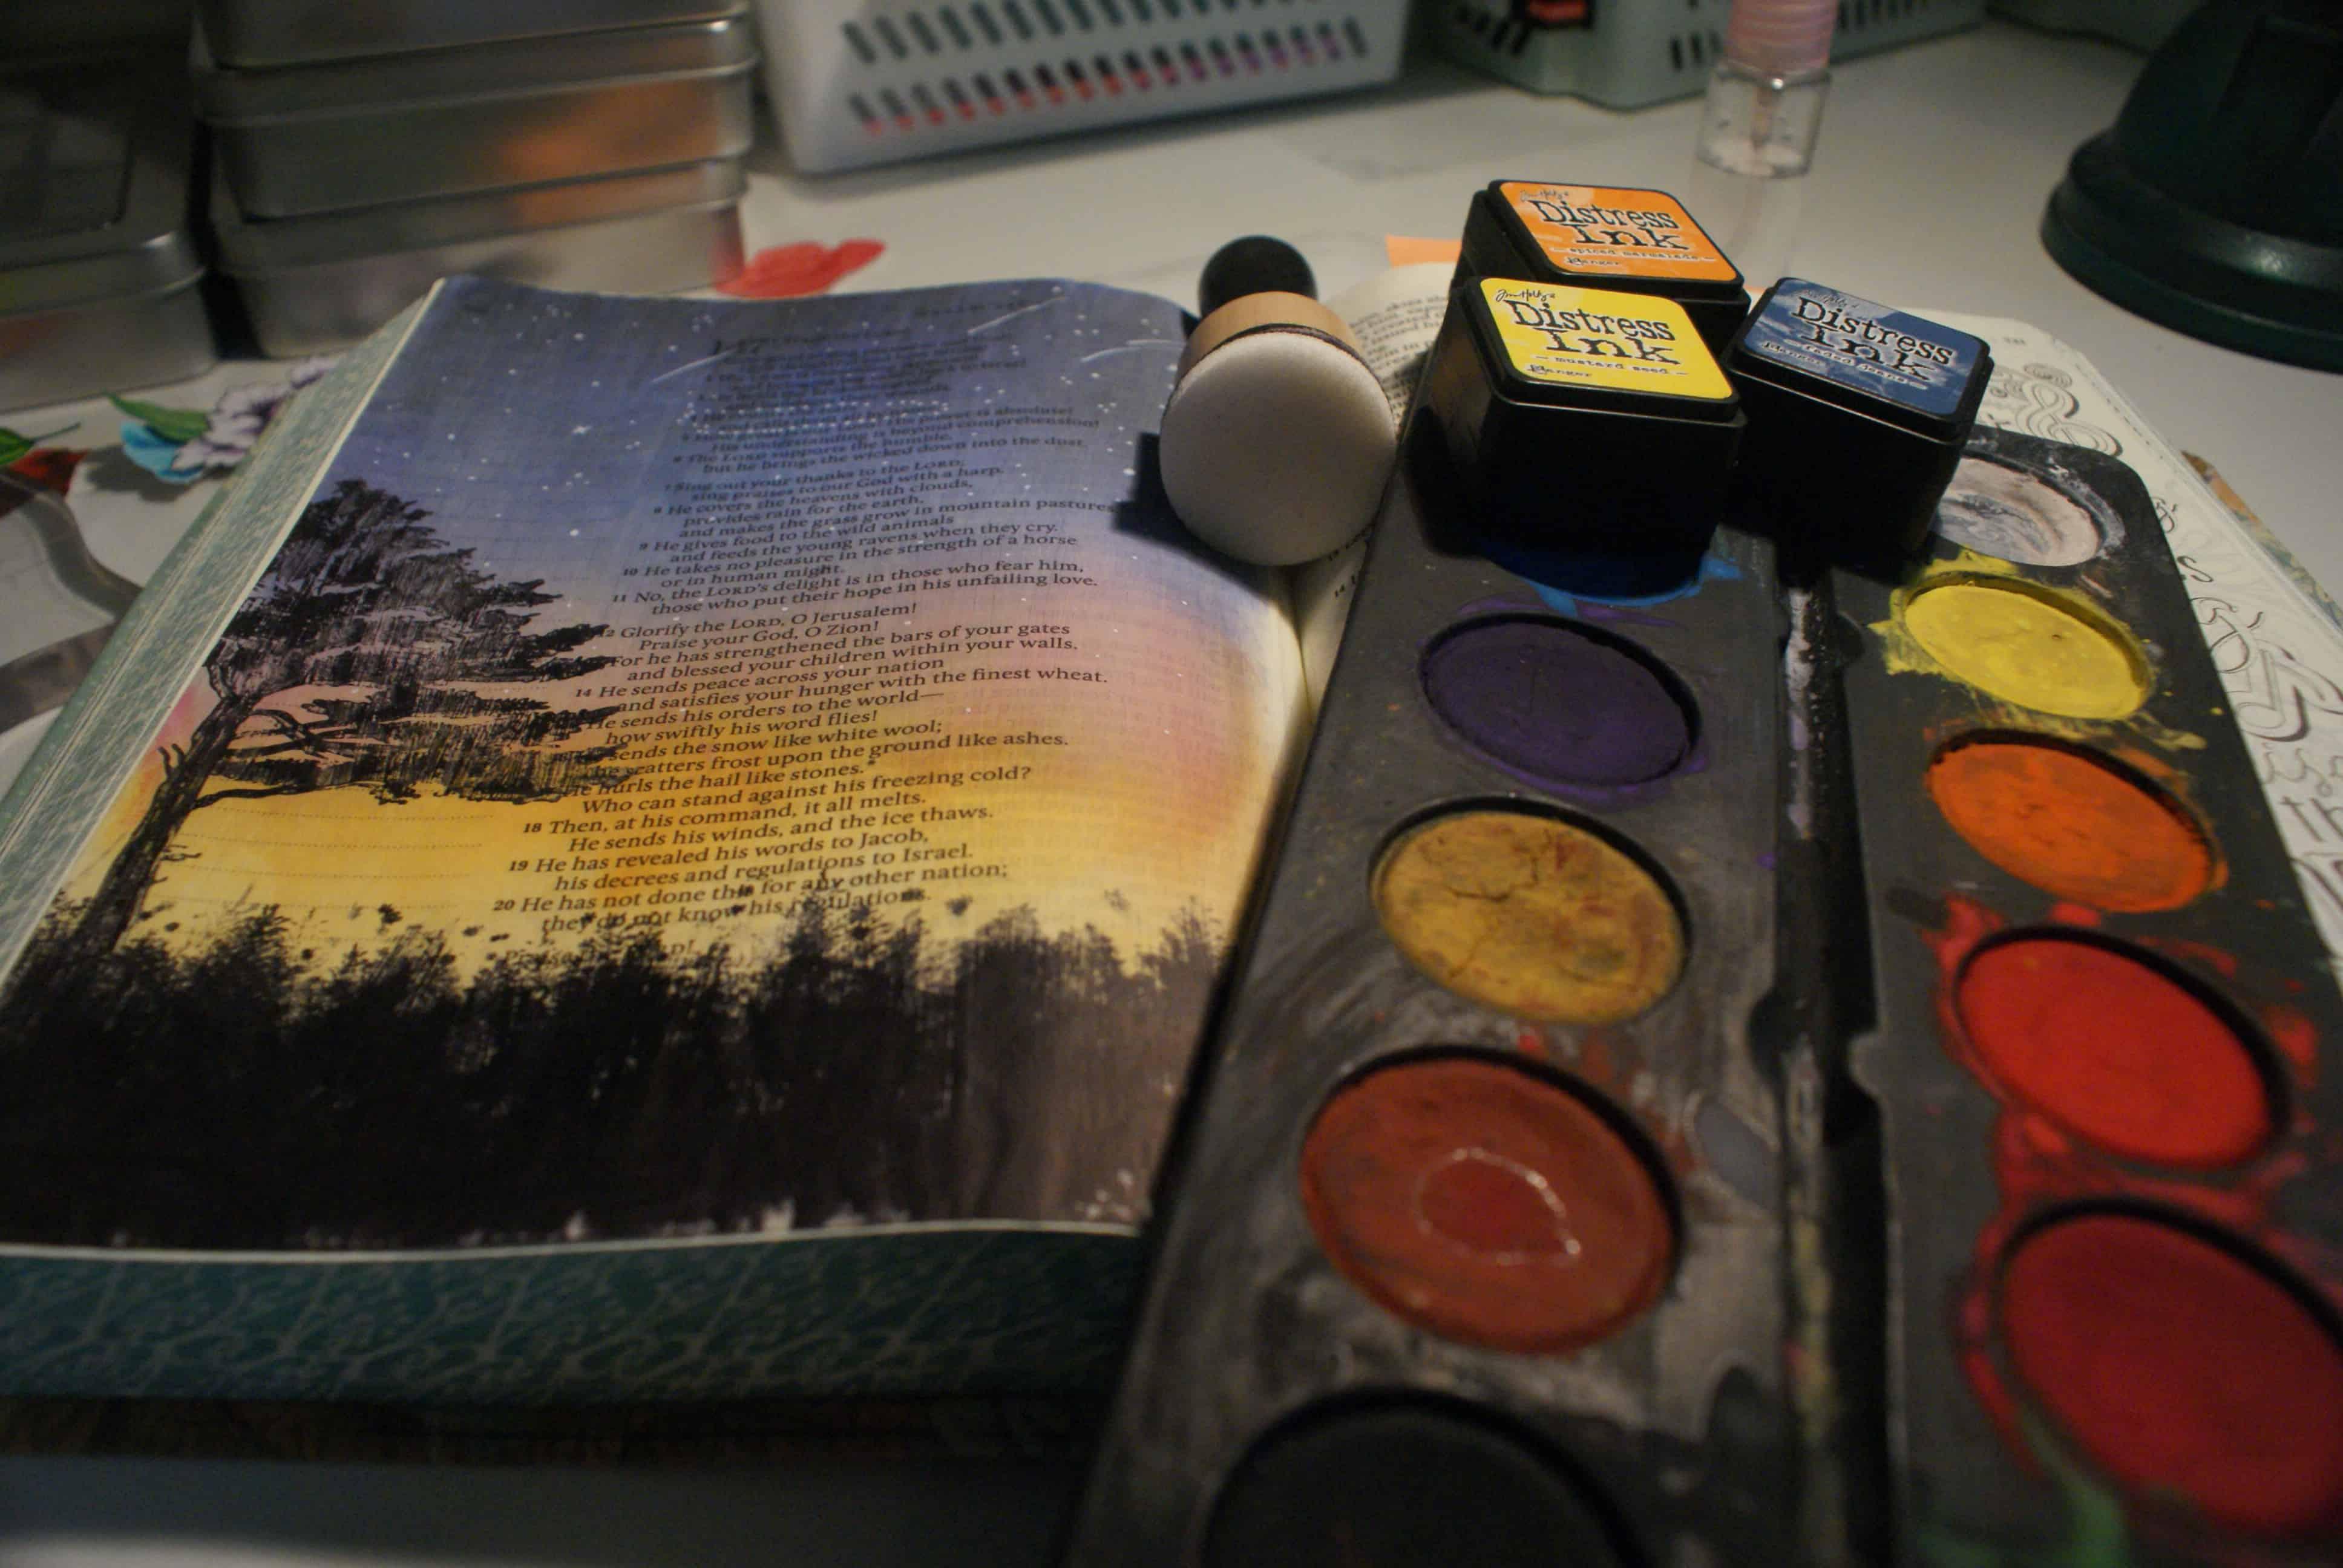 Jag målar i min bibel - Kreativ Bibelläsning